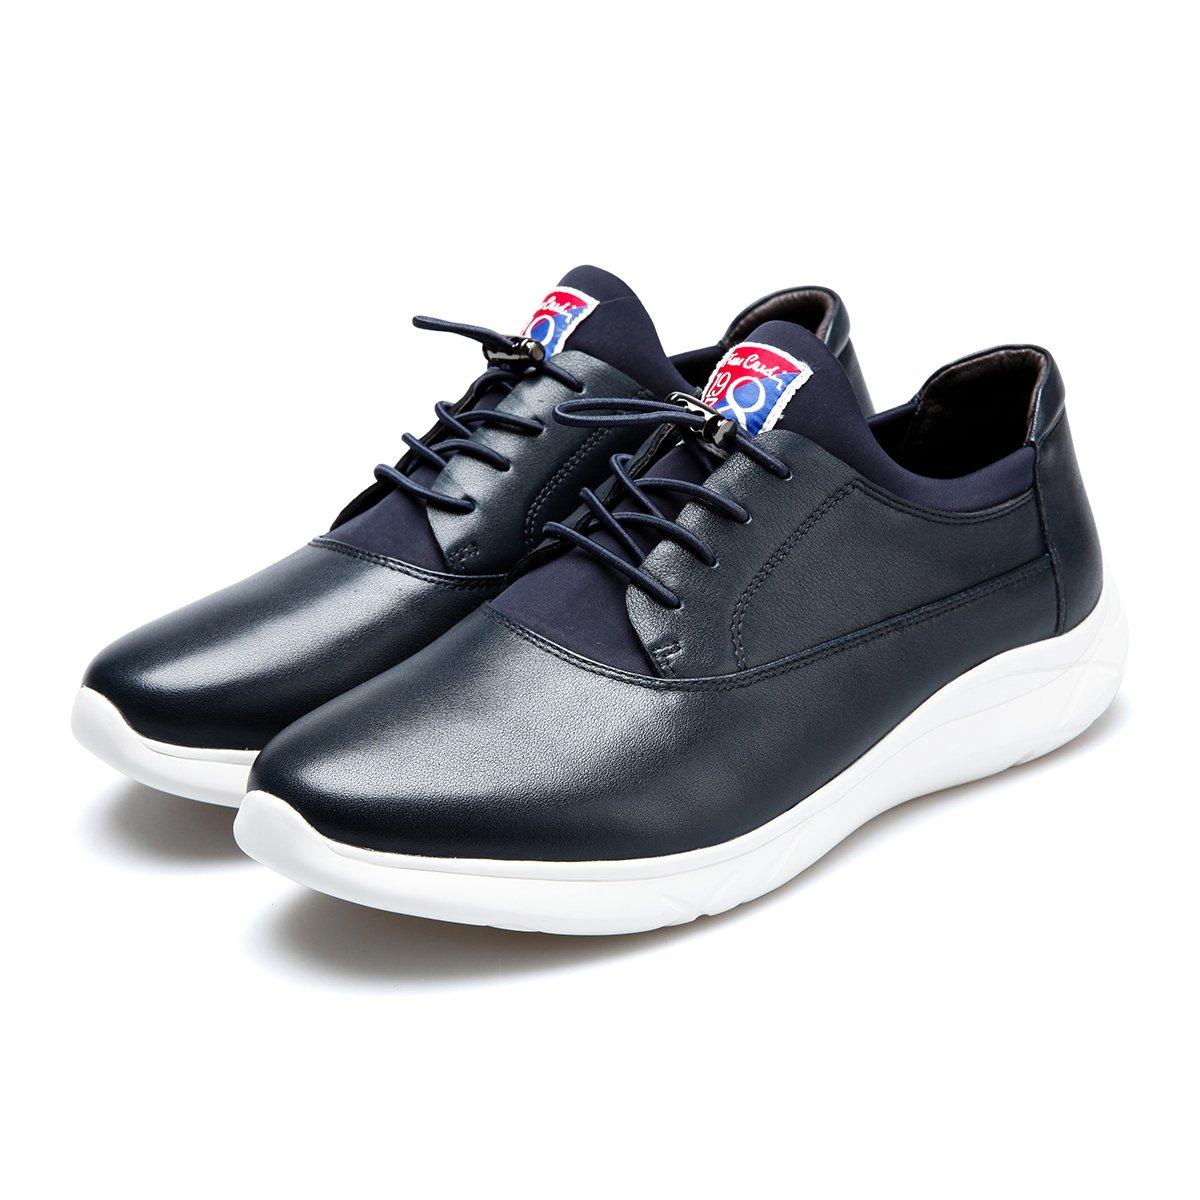 皮尔·卡丹头层牛皮轻底百搭舒适运动鞋男板鞋男鞋男士休闲鞋D8301M190218F05